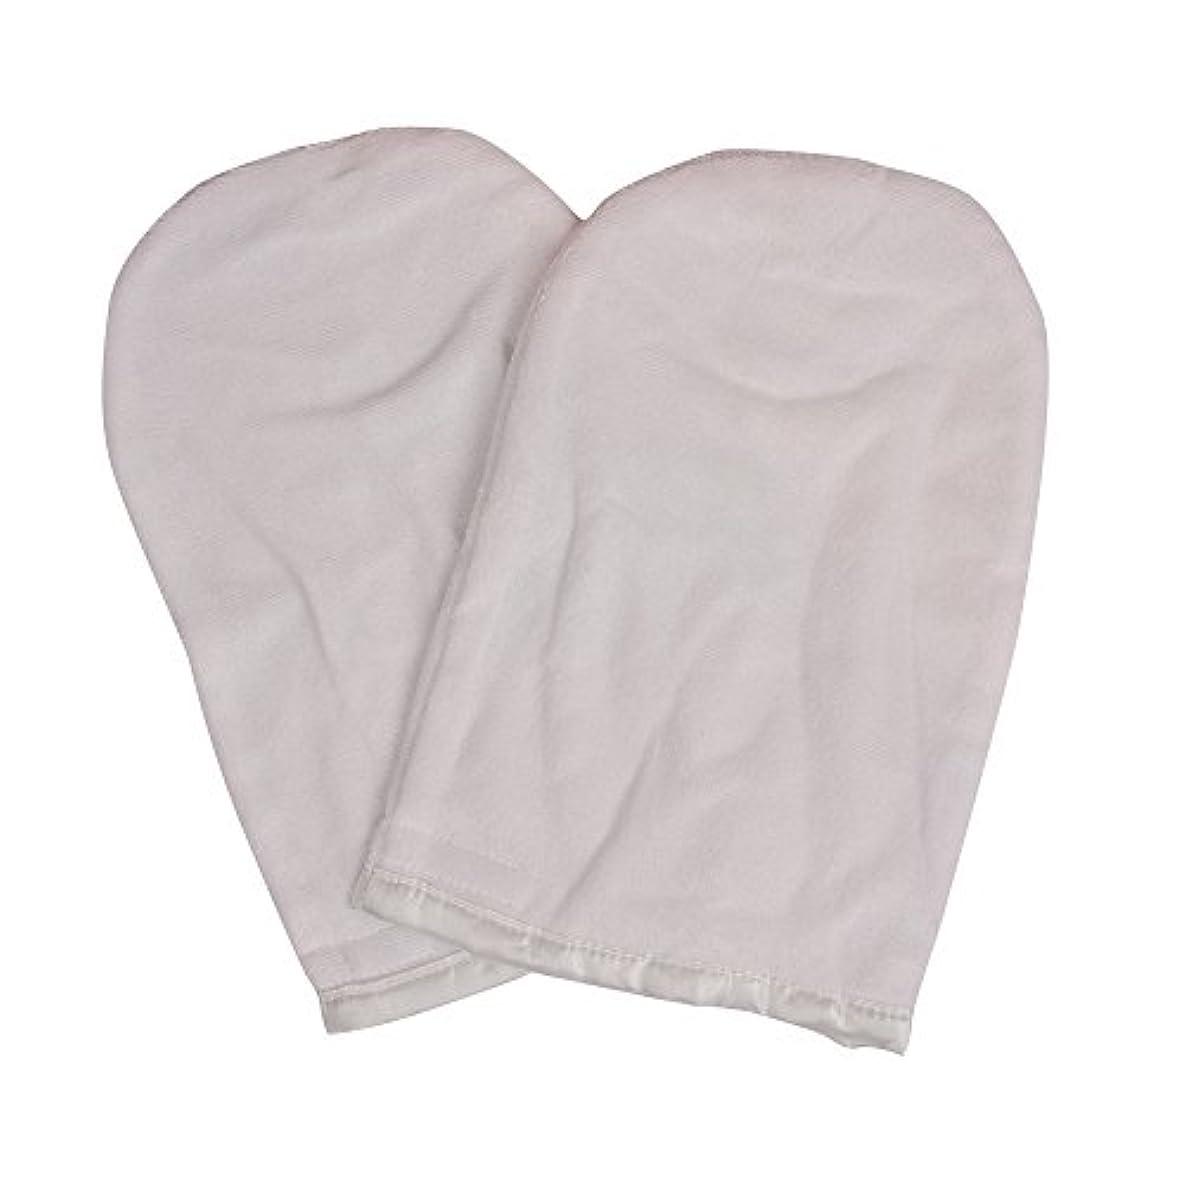 事実所有権鳩パラフィン用ハンドグローブ 全2色 (ホワイト) パラフィンパック パラフィン ハンド グローブ (ハンド用)